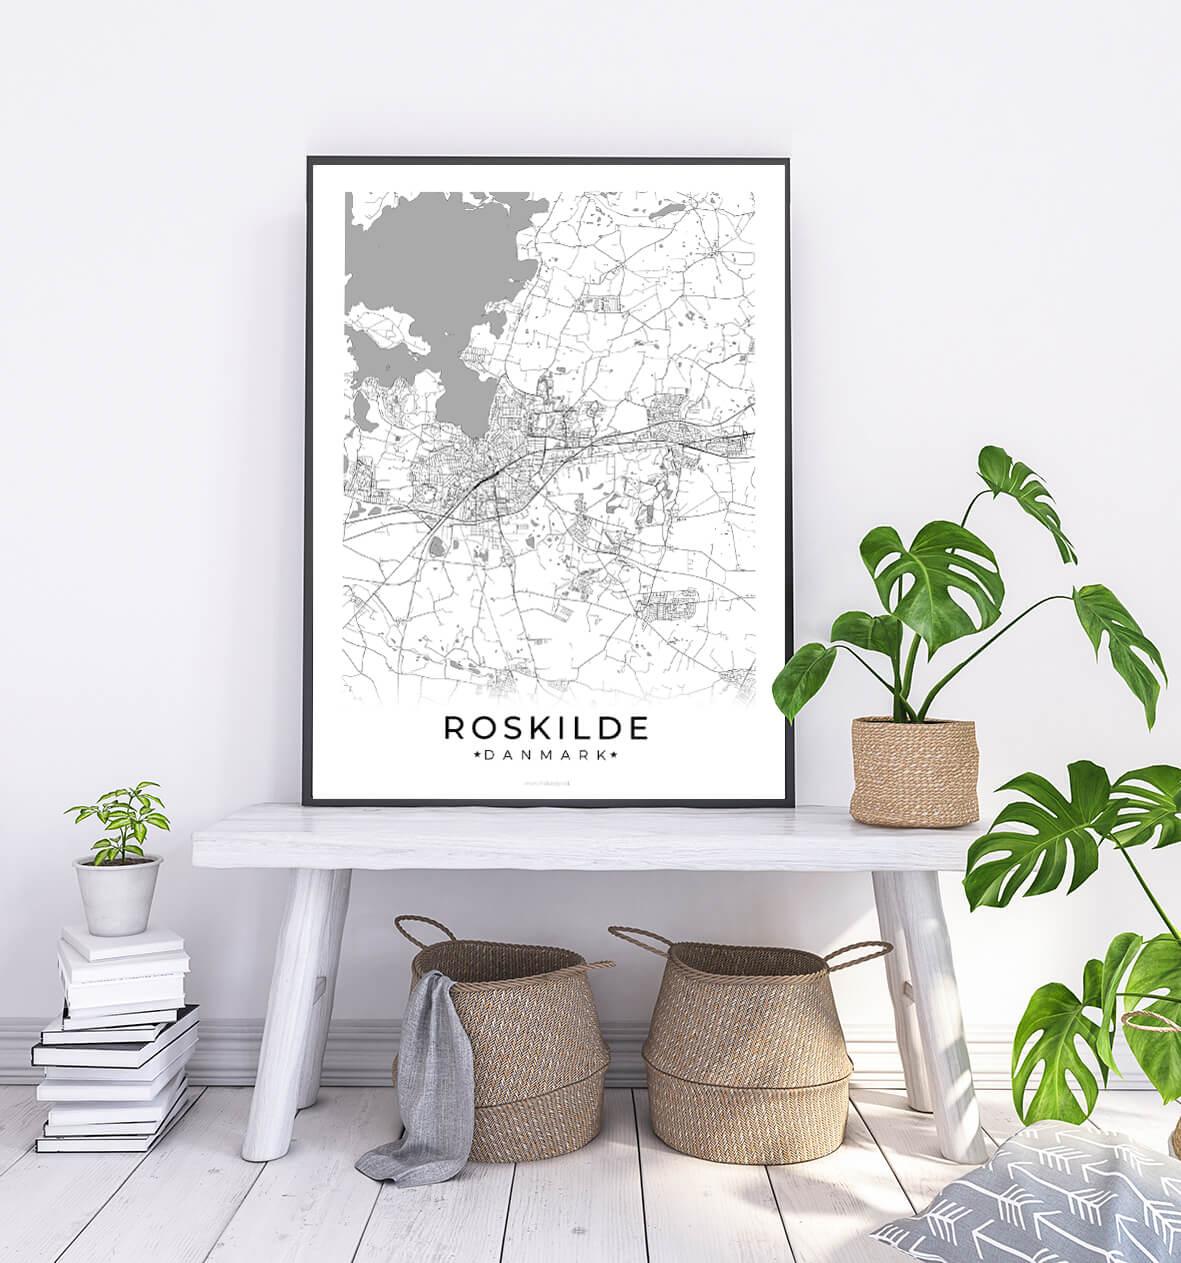 Roskilde-hvid-byplakat-1